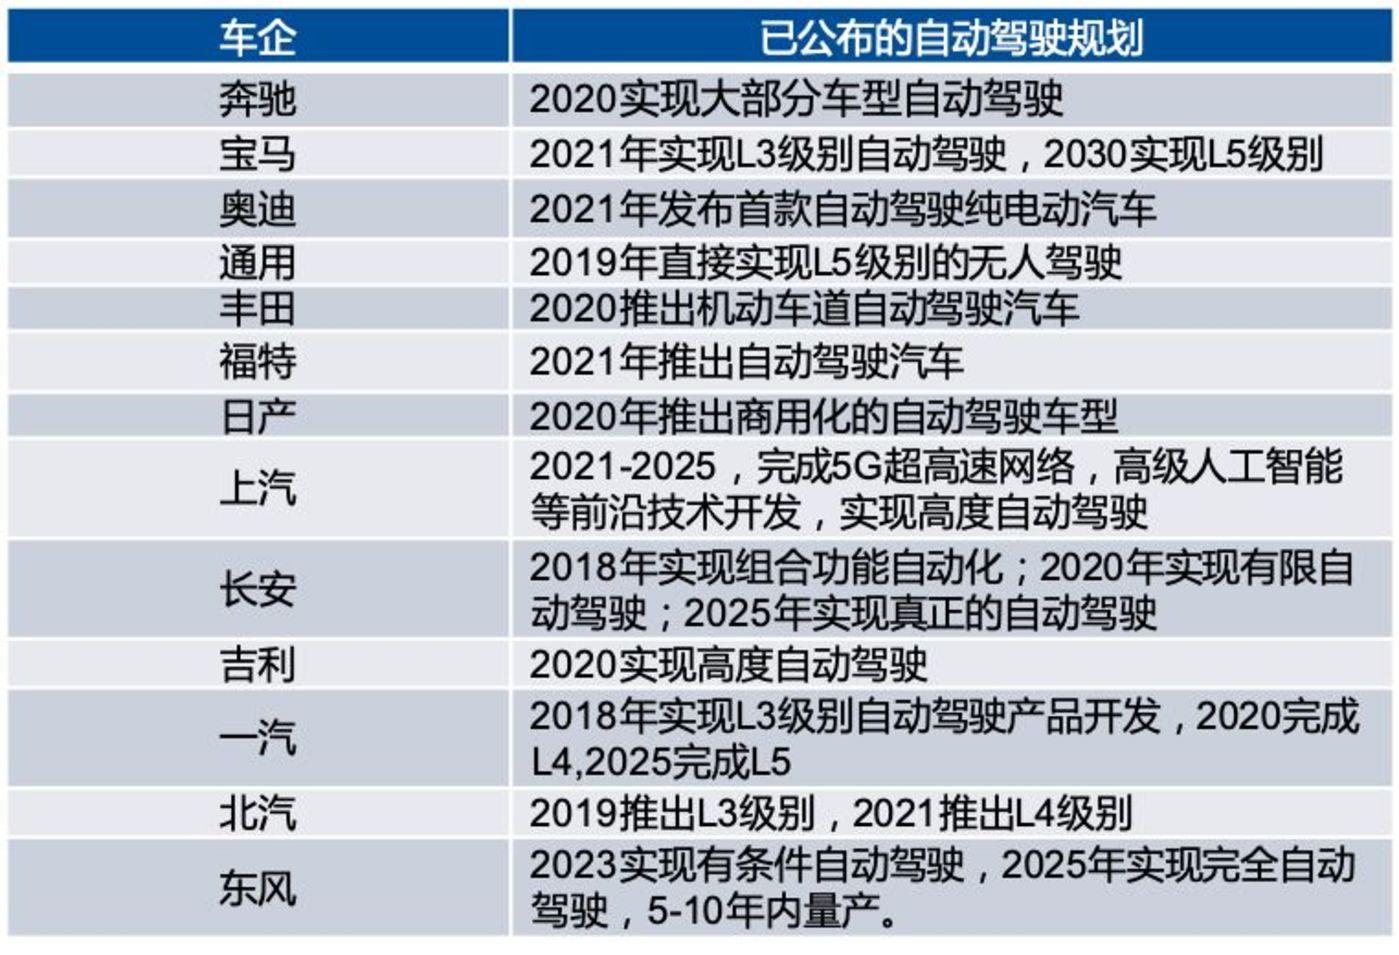 数据来源:整车厂官网,国泰君安证券研究